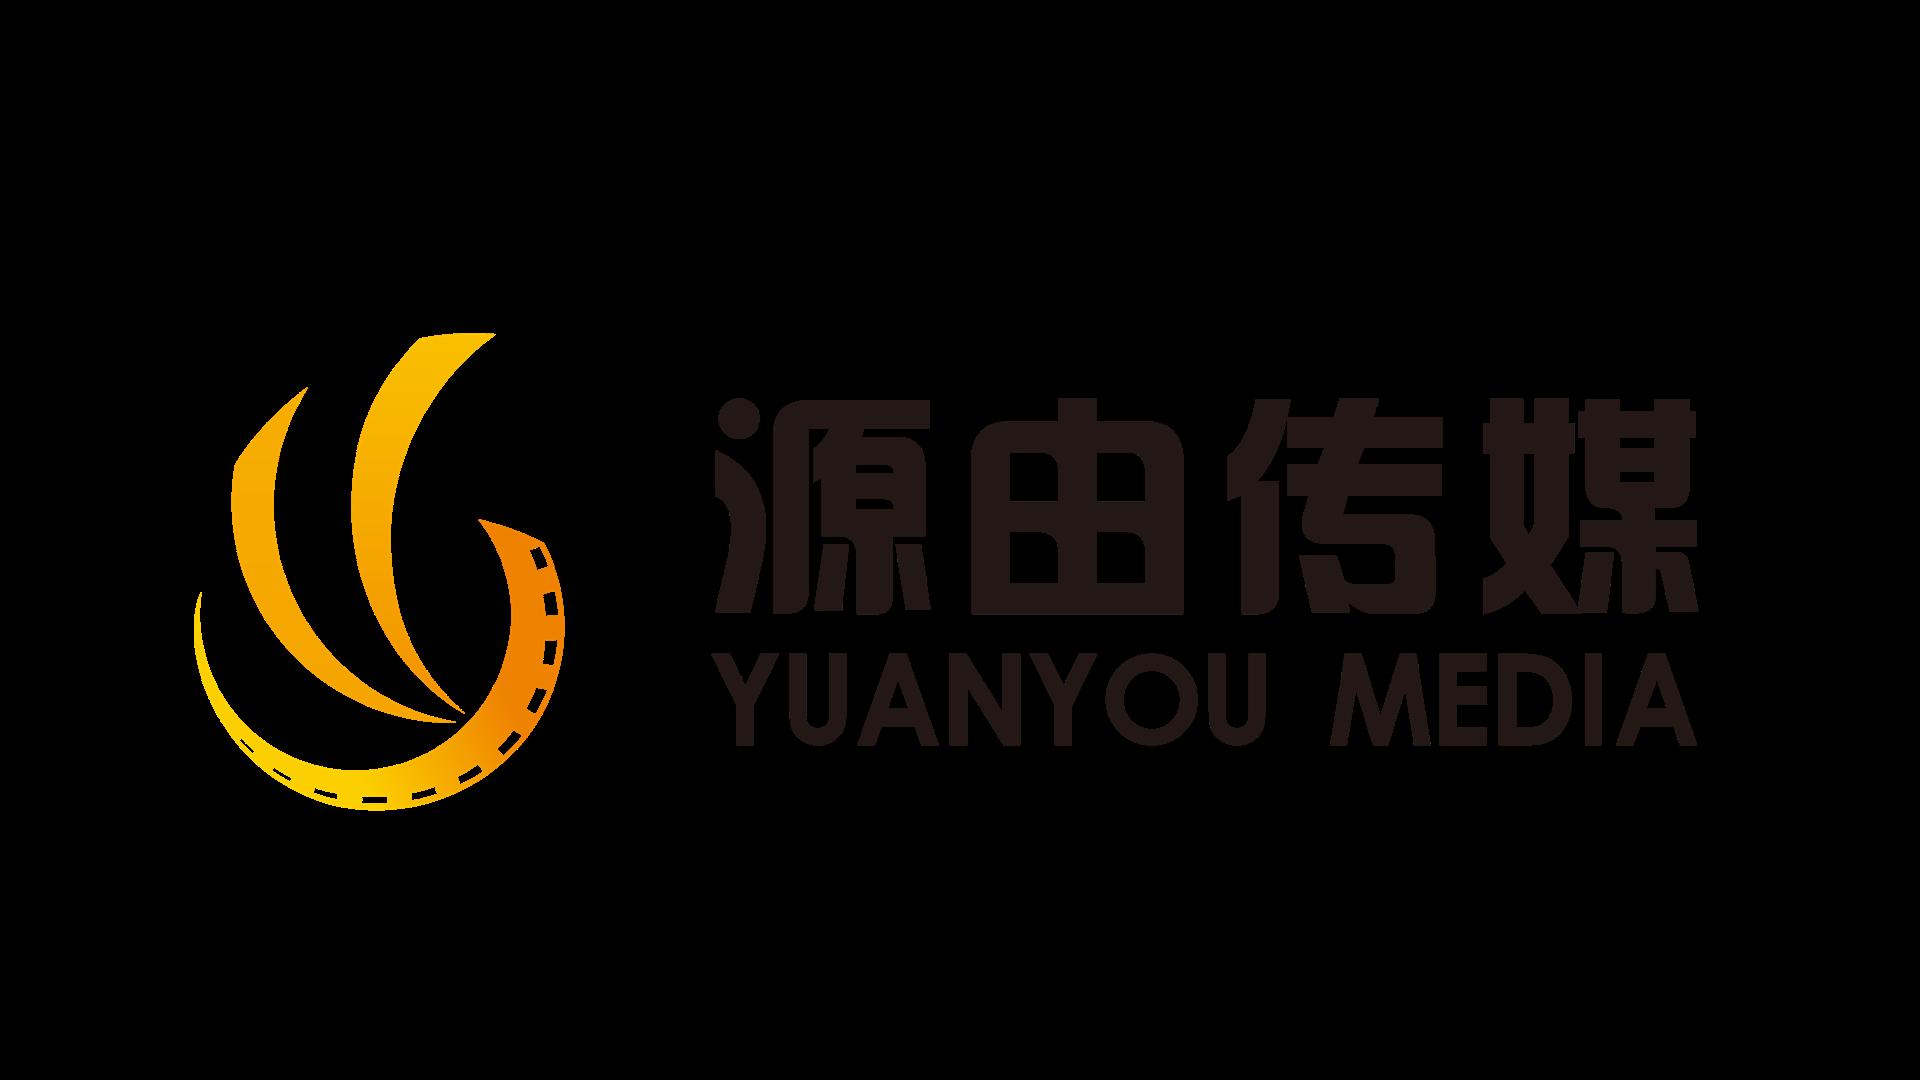 北京创视界实习招聘